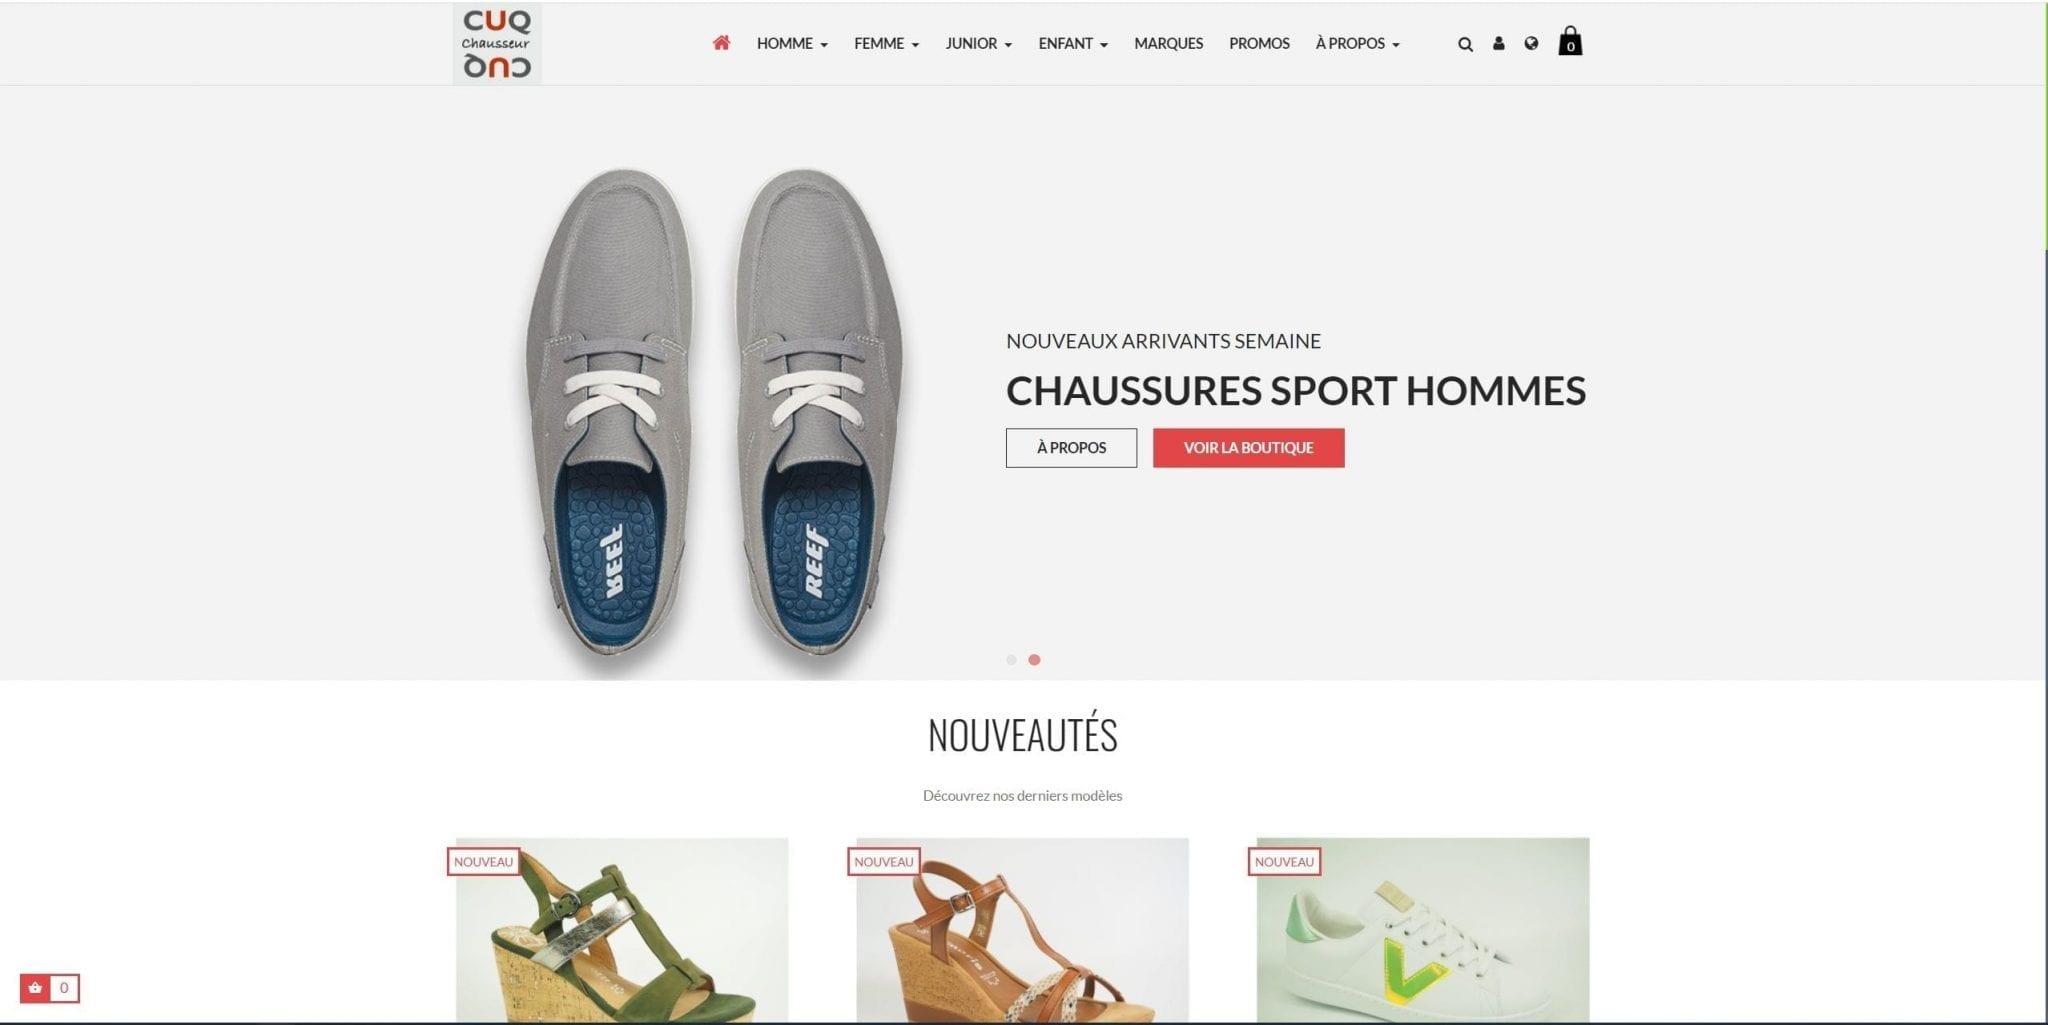 Site marchand pour vendre des chaussures pour Cuq chausseur à Millau, Villefranche de Rouergue et Albi